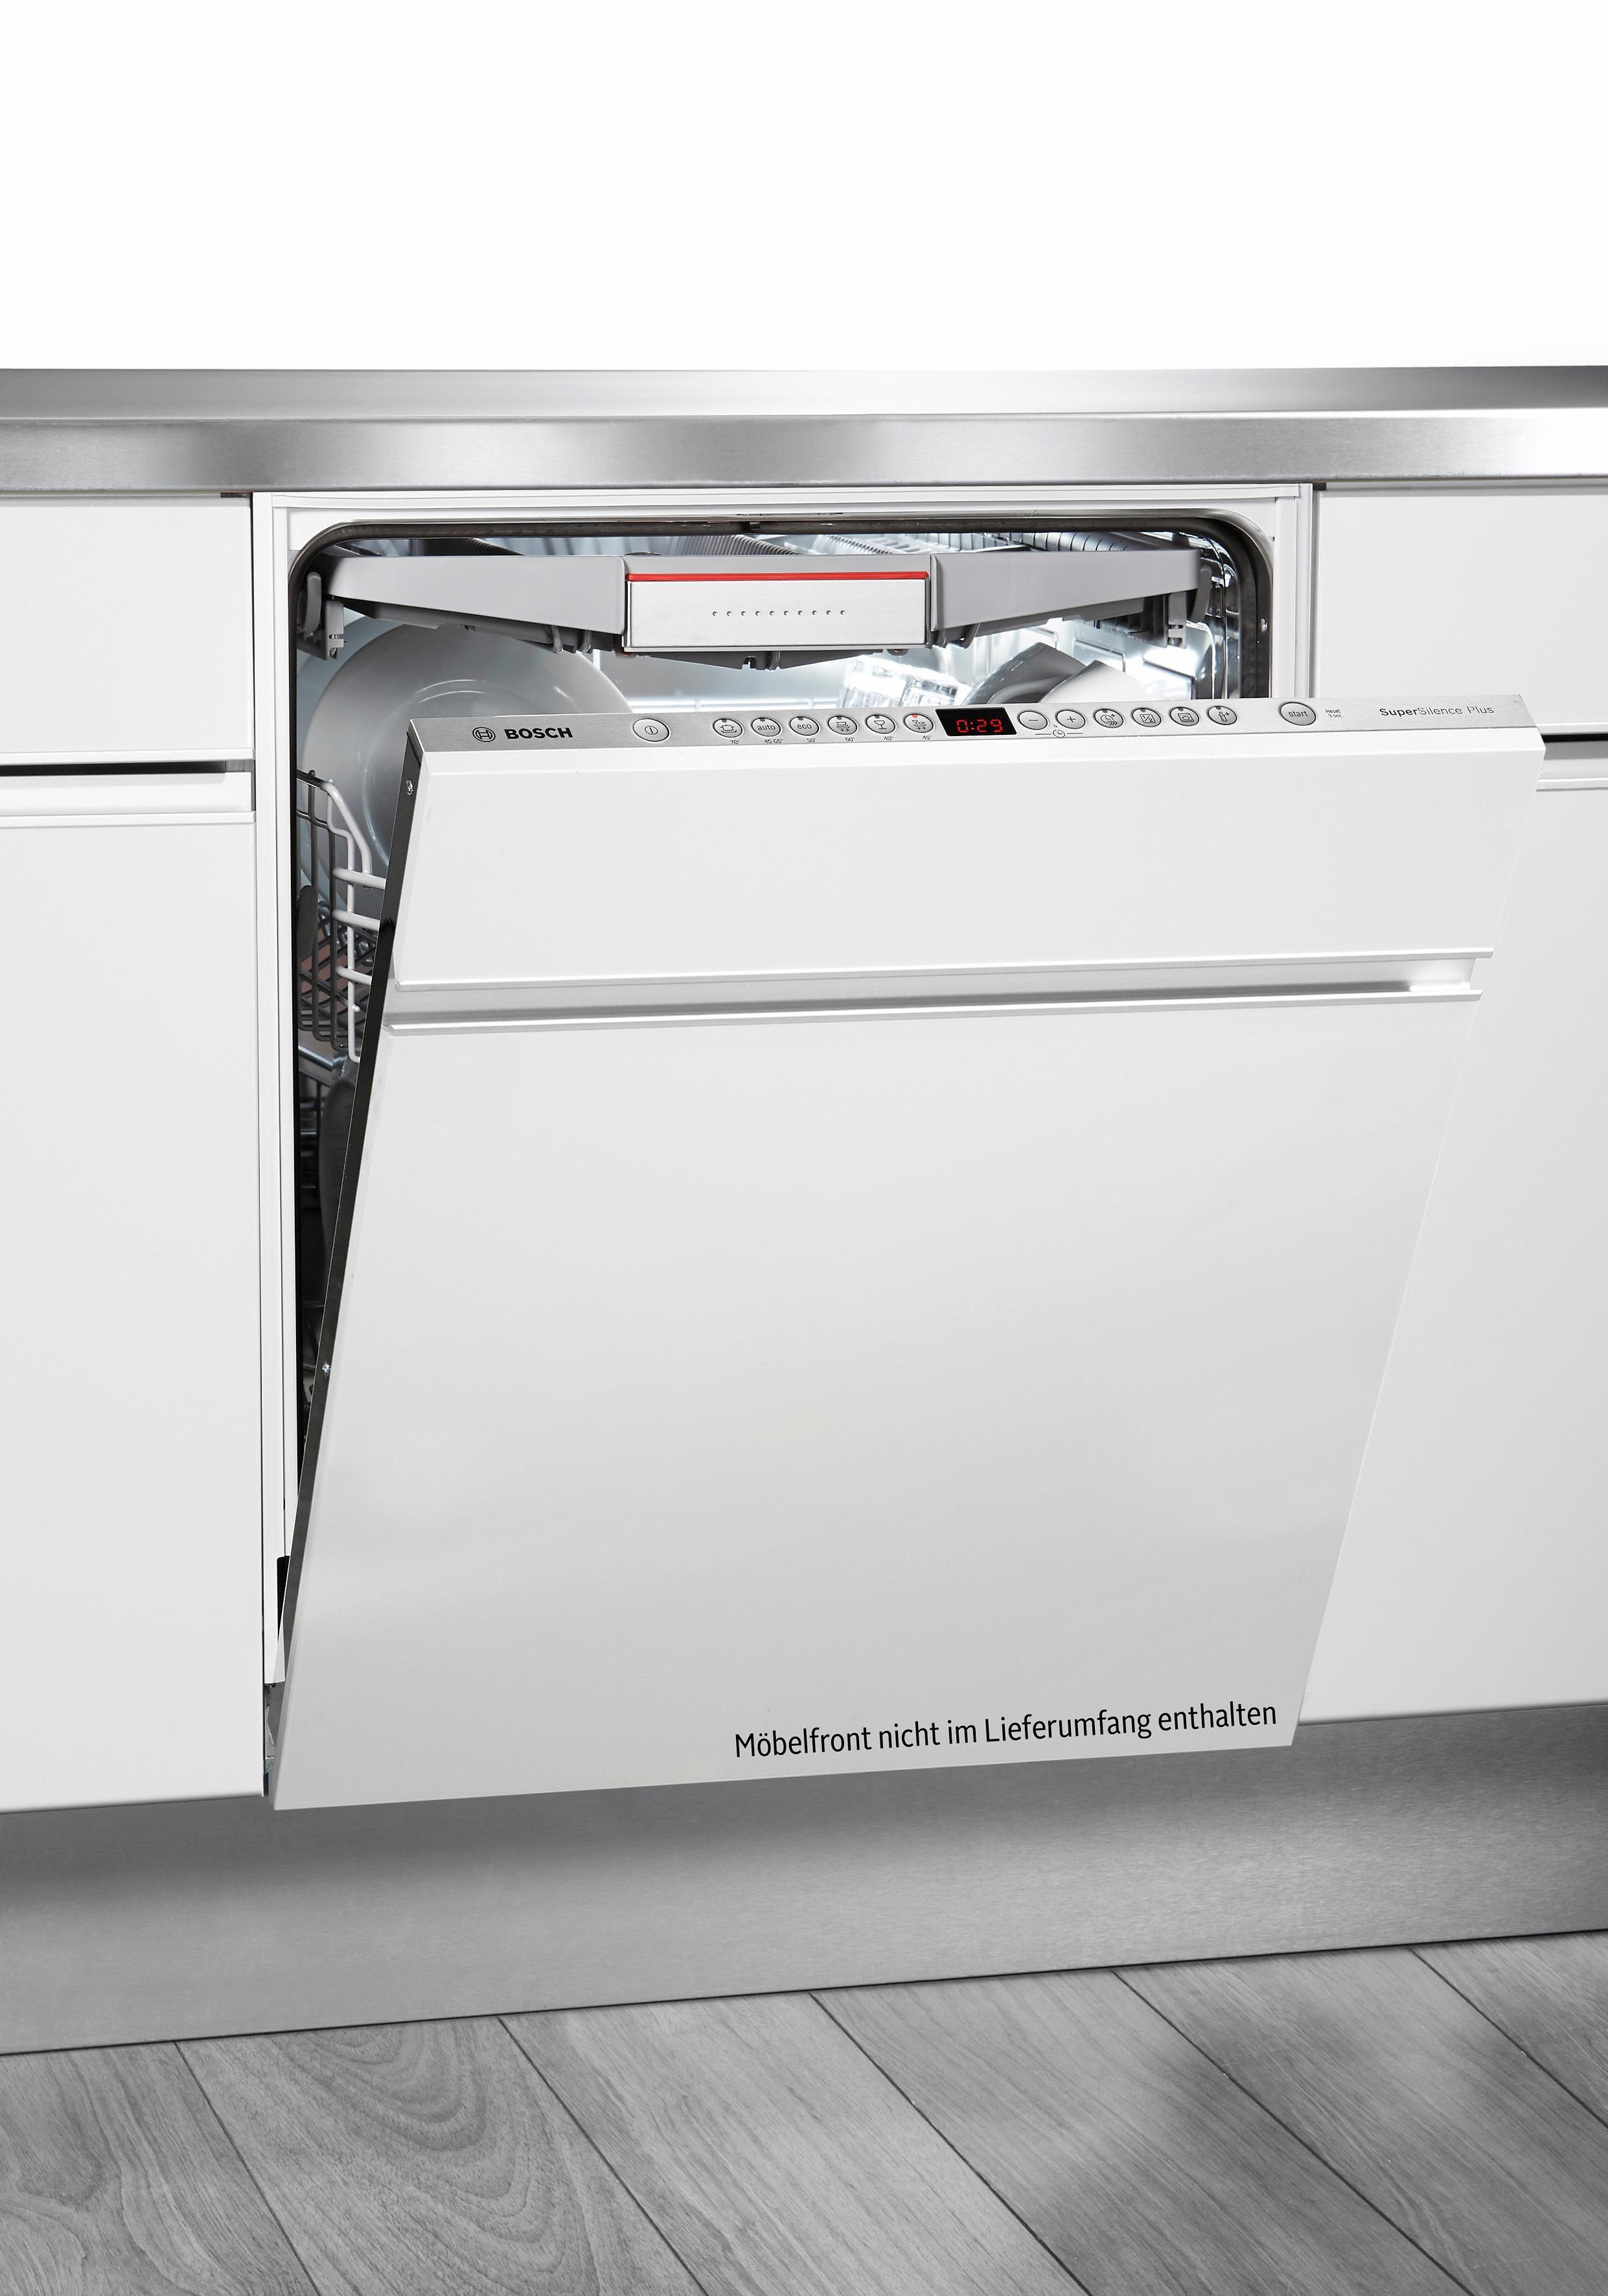 Bosch vollintegrierbar Einbaugeschirrspüler SMV69P40EU, A++, 9,5 Liter, 14 Maßgedecke